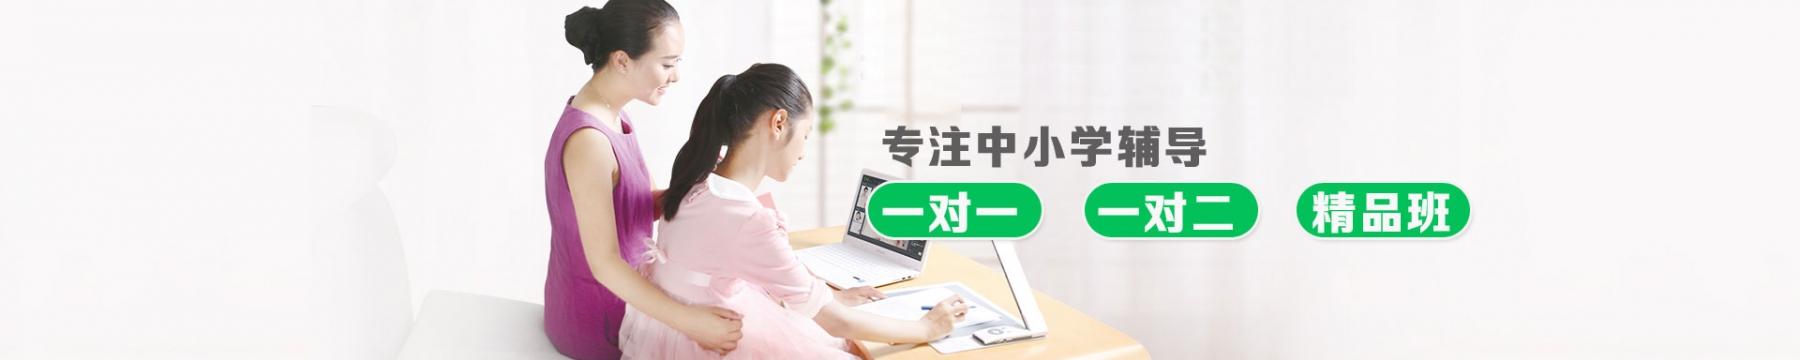 广州华实教育